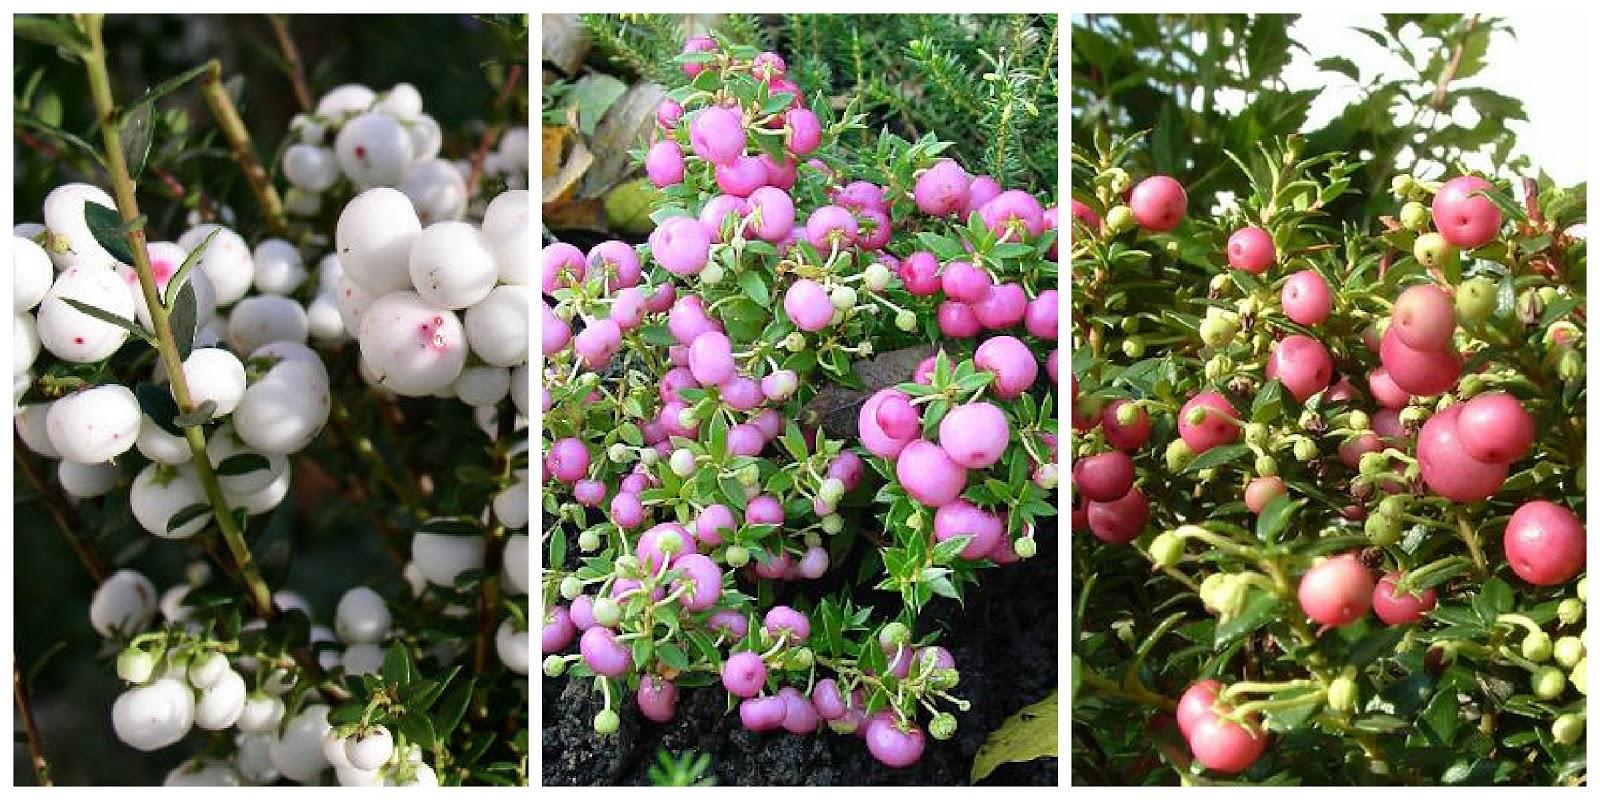 Tra orto e giardino due piante per natale il - Piante da giardino con bacche rosse ...